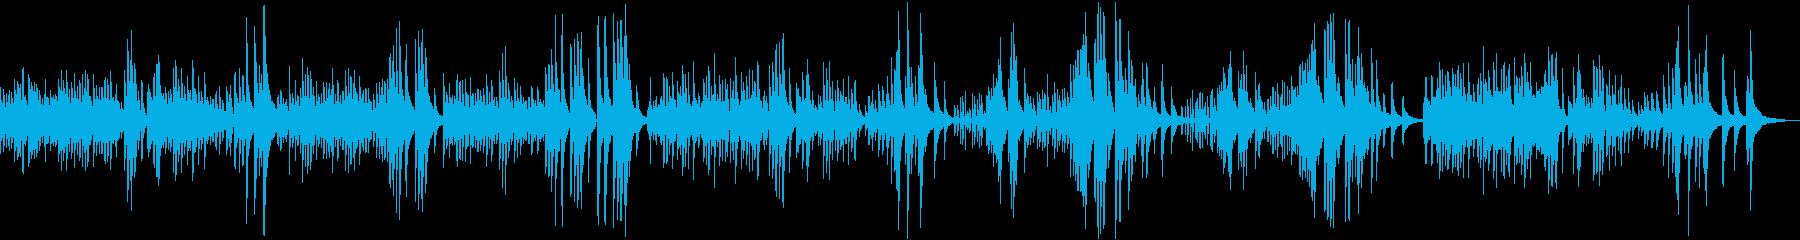 亡き王女のためのパヴァーヌ/ラヴェルの再生済みの波形